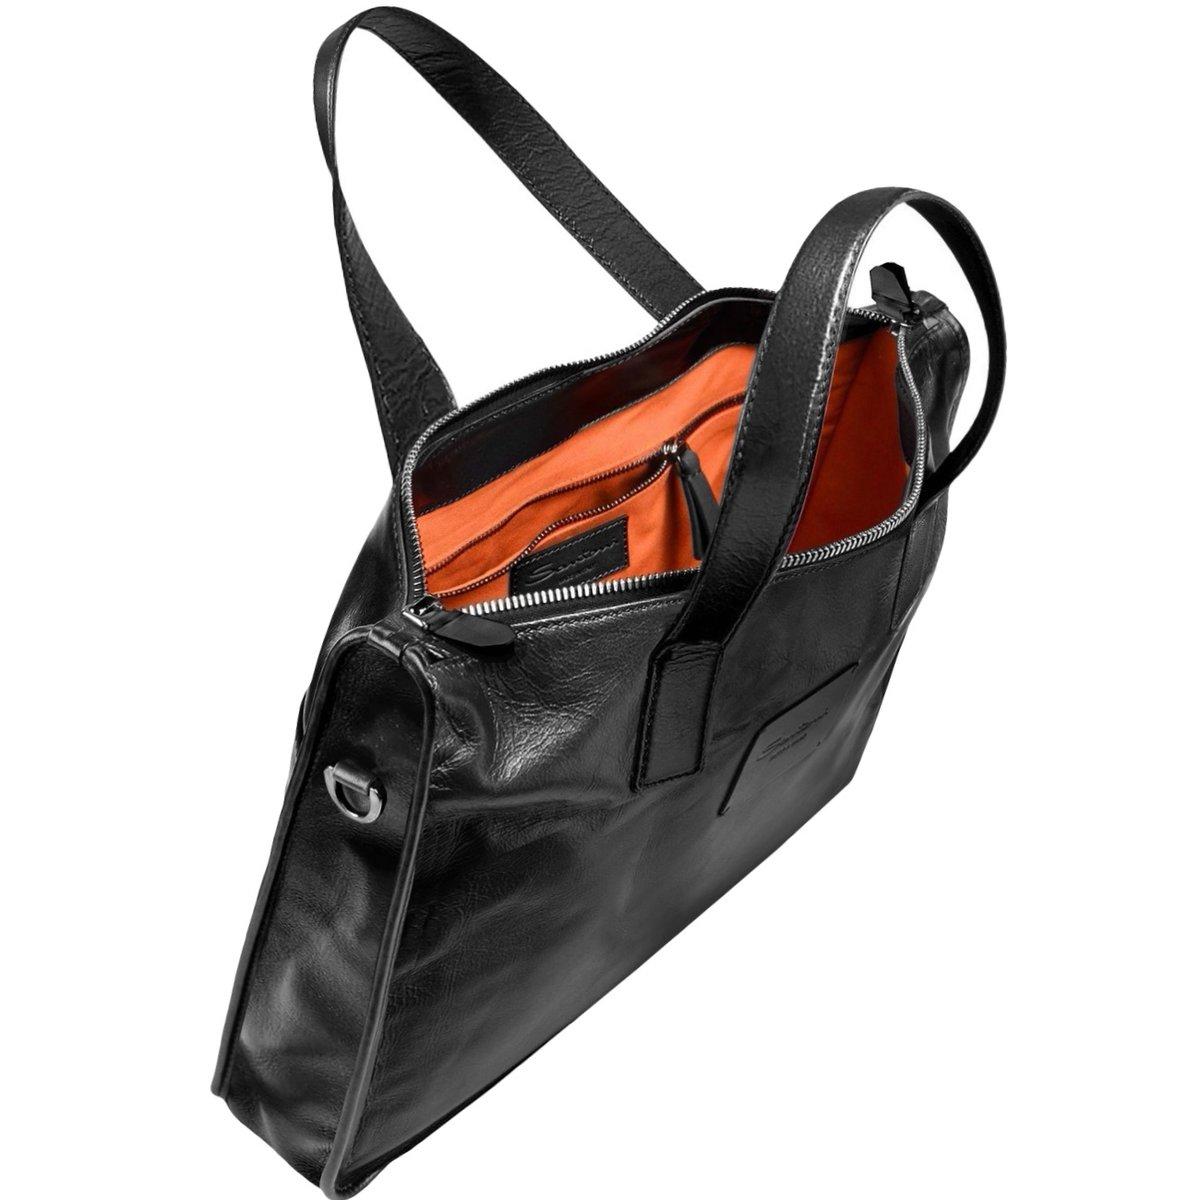 santoni-Black-Work-Bags.jpg